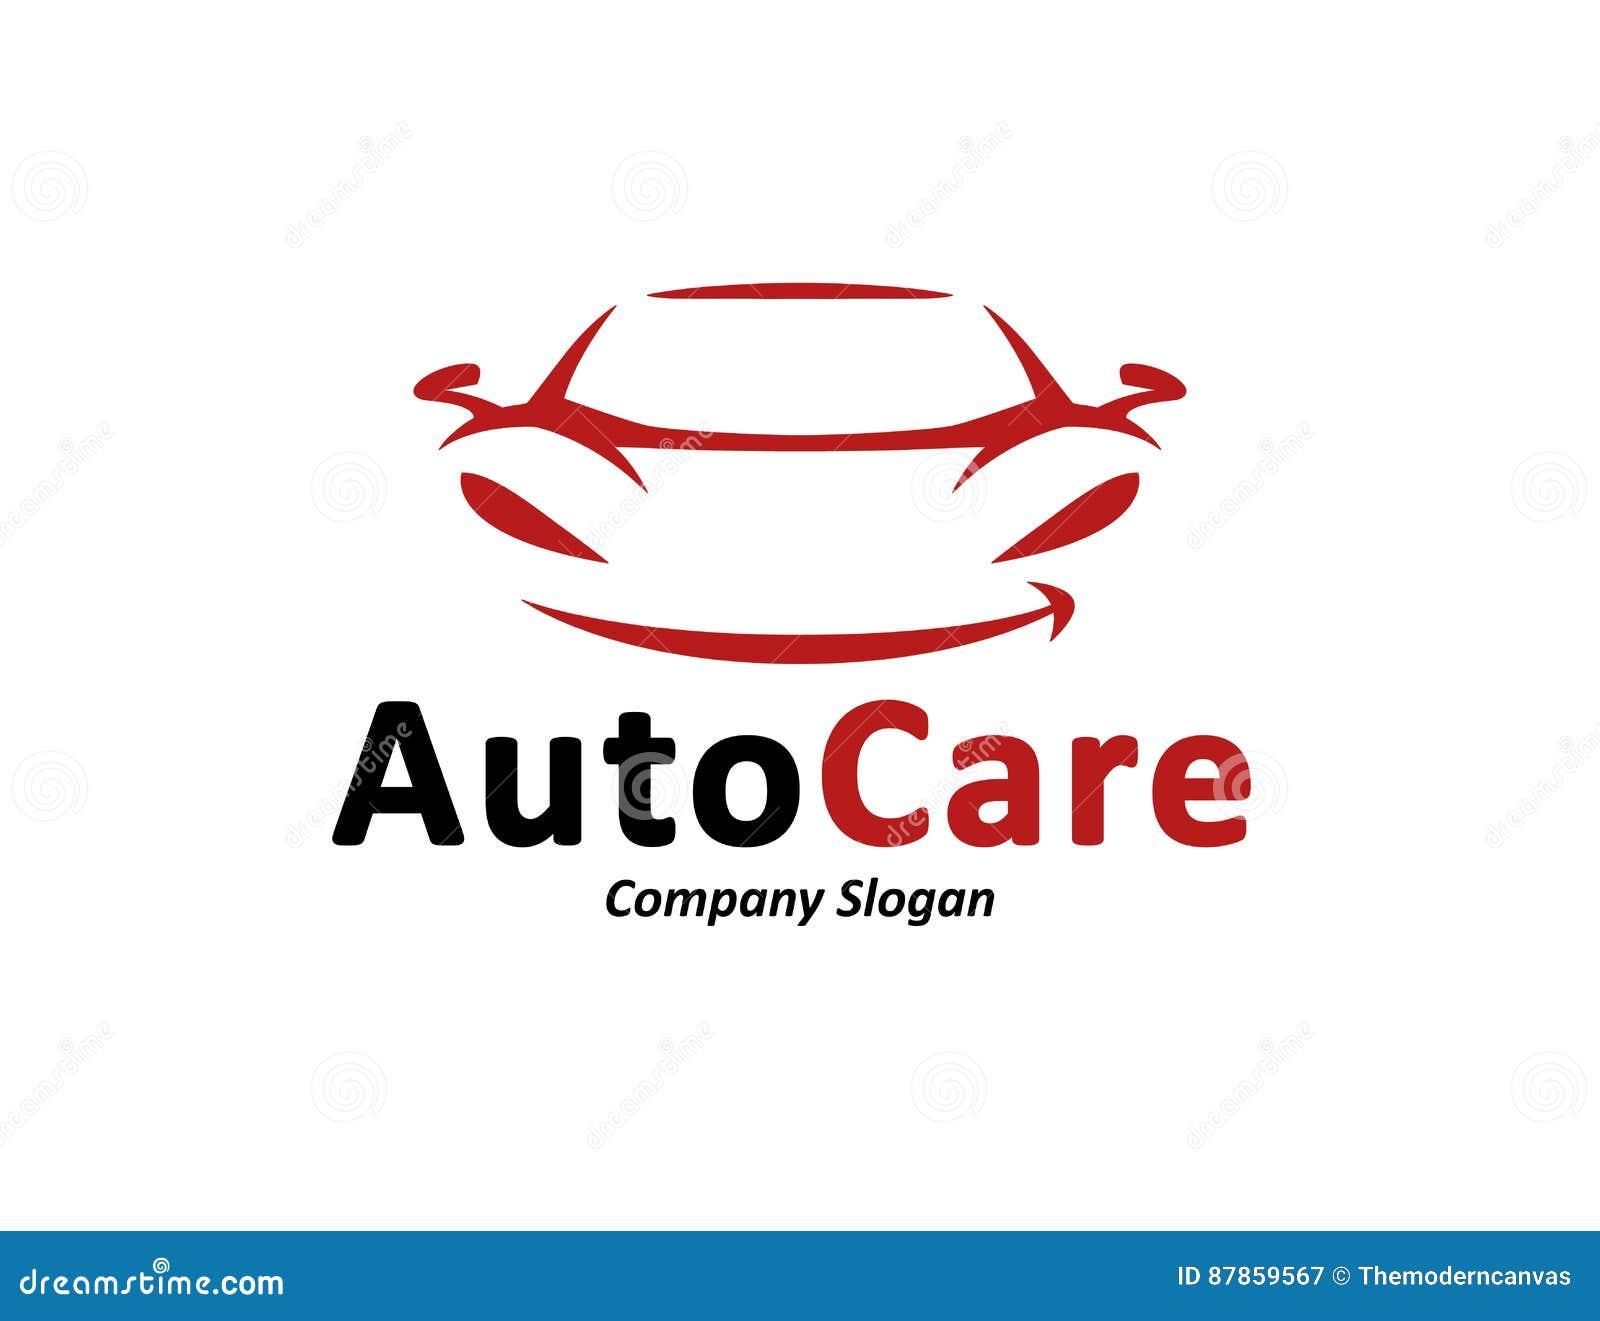 High end car logo designs